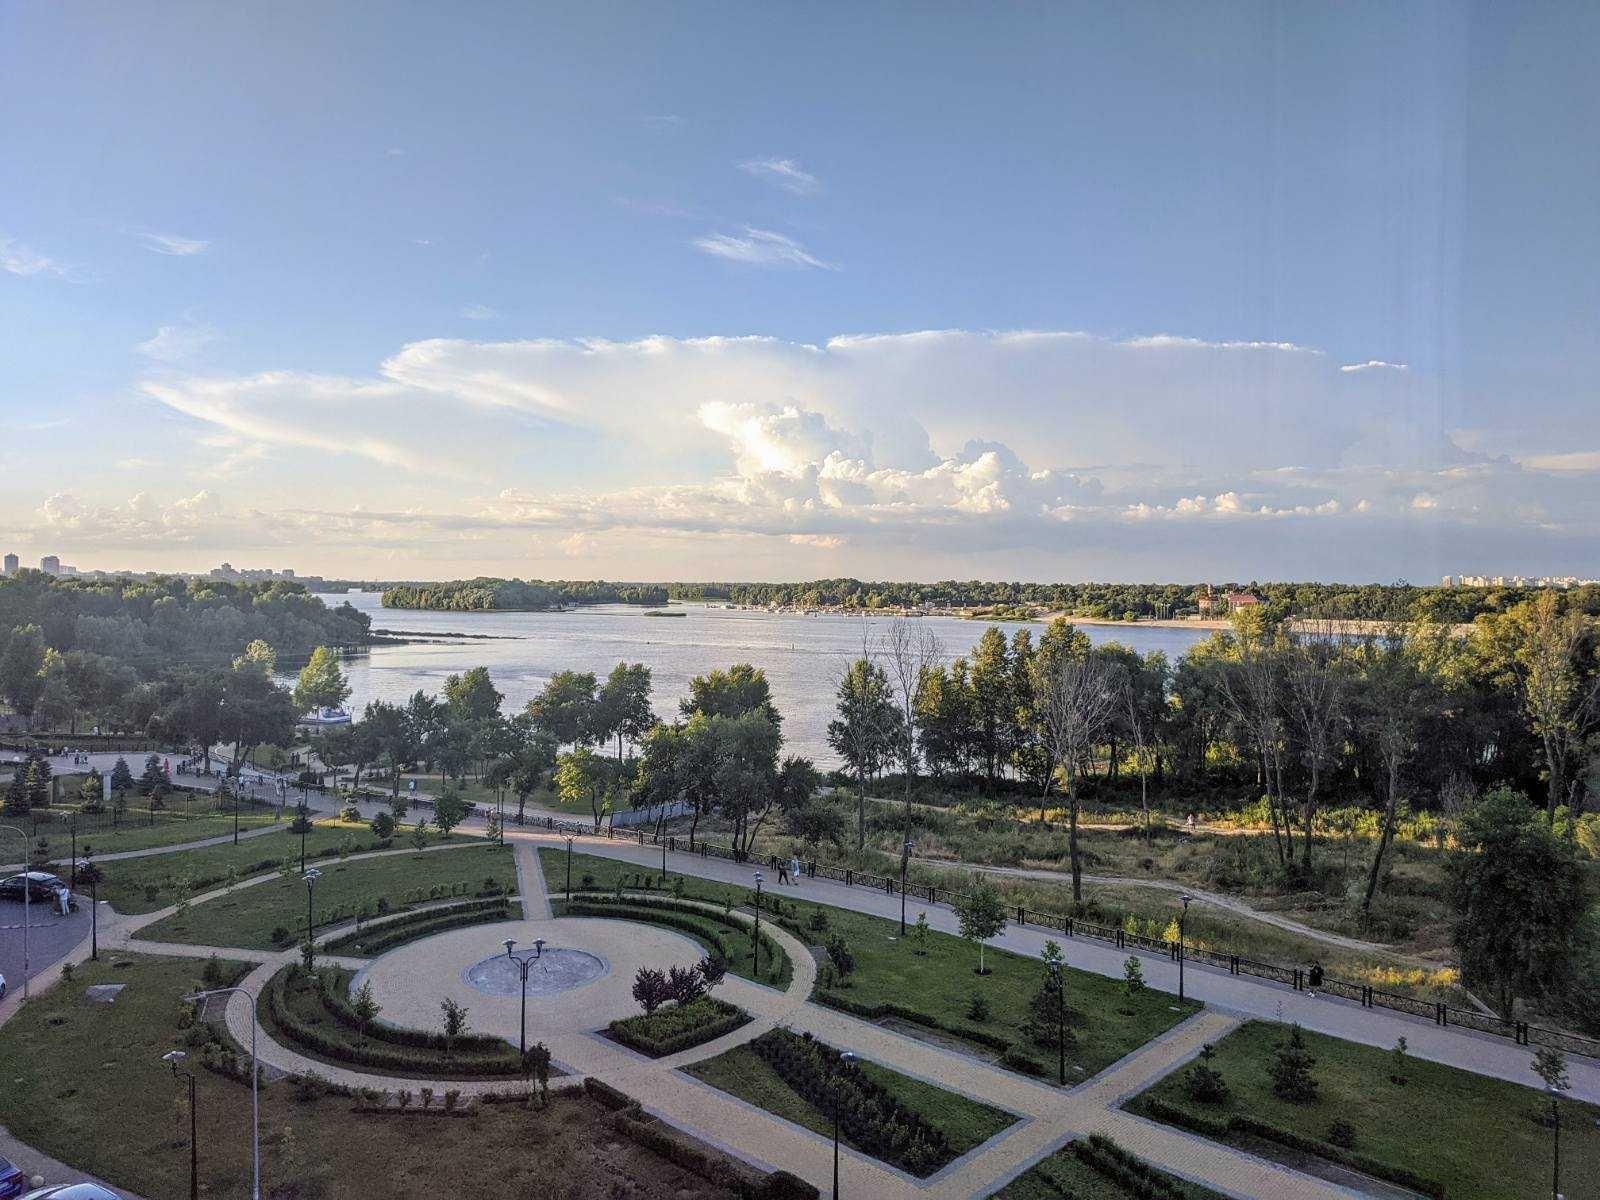 ЖК Паркстоун,видовая 2-к квартира на просп.Героев Сталинграда,парк